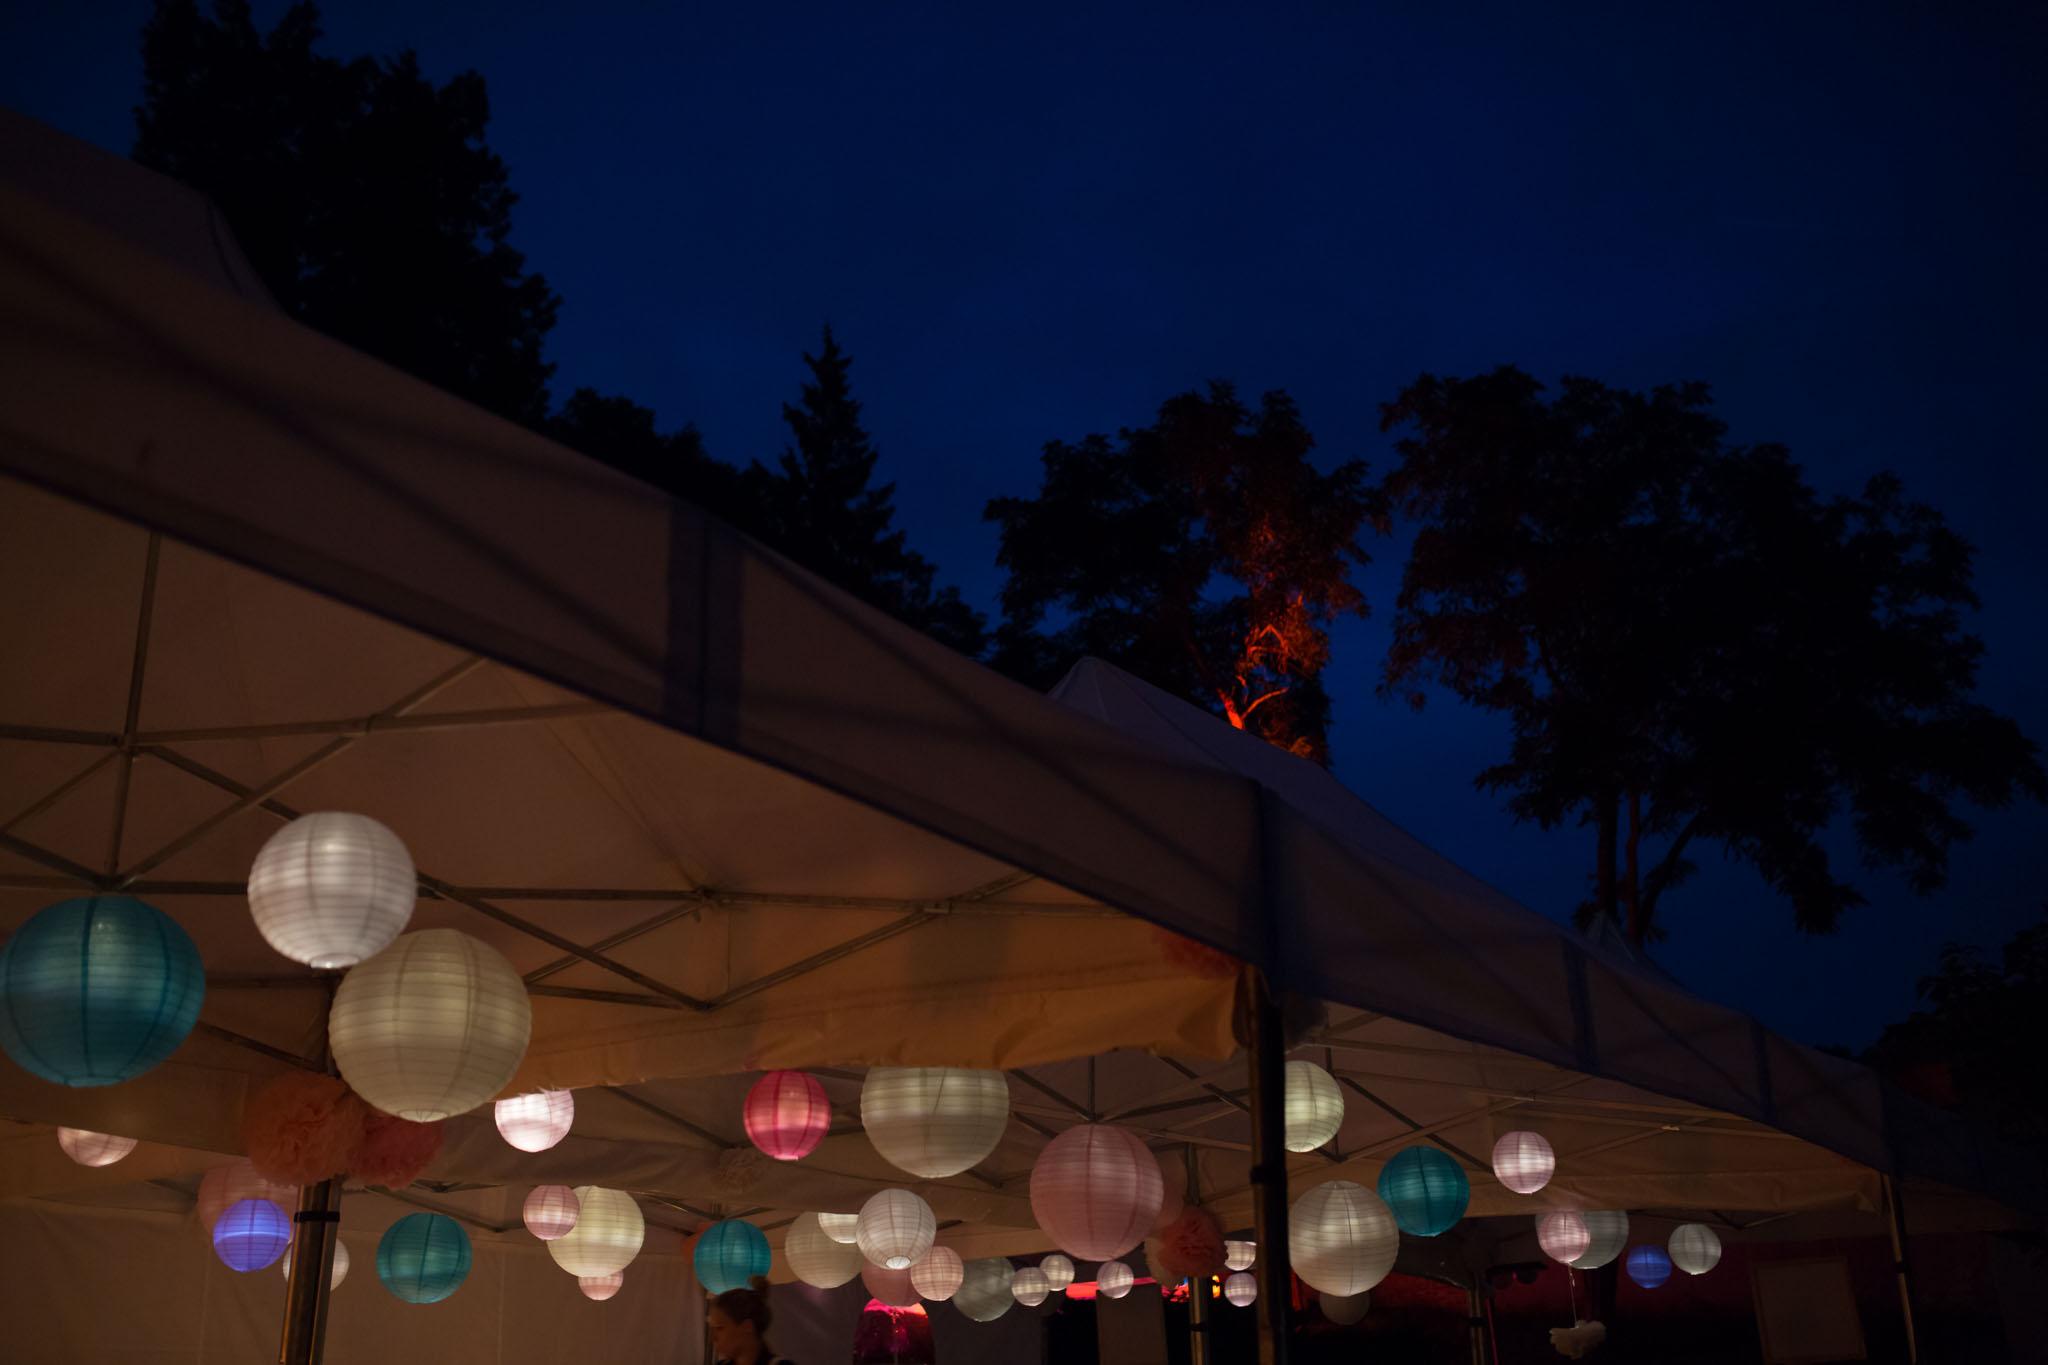 hochzeit-berlin-abend-lampions